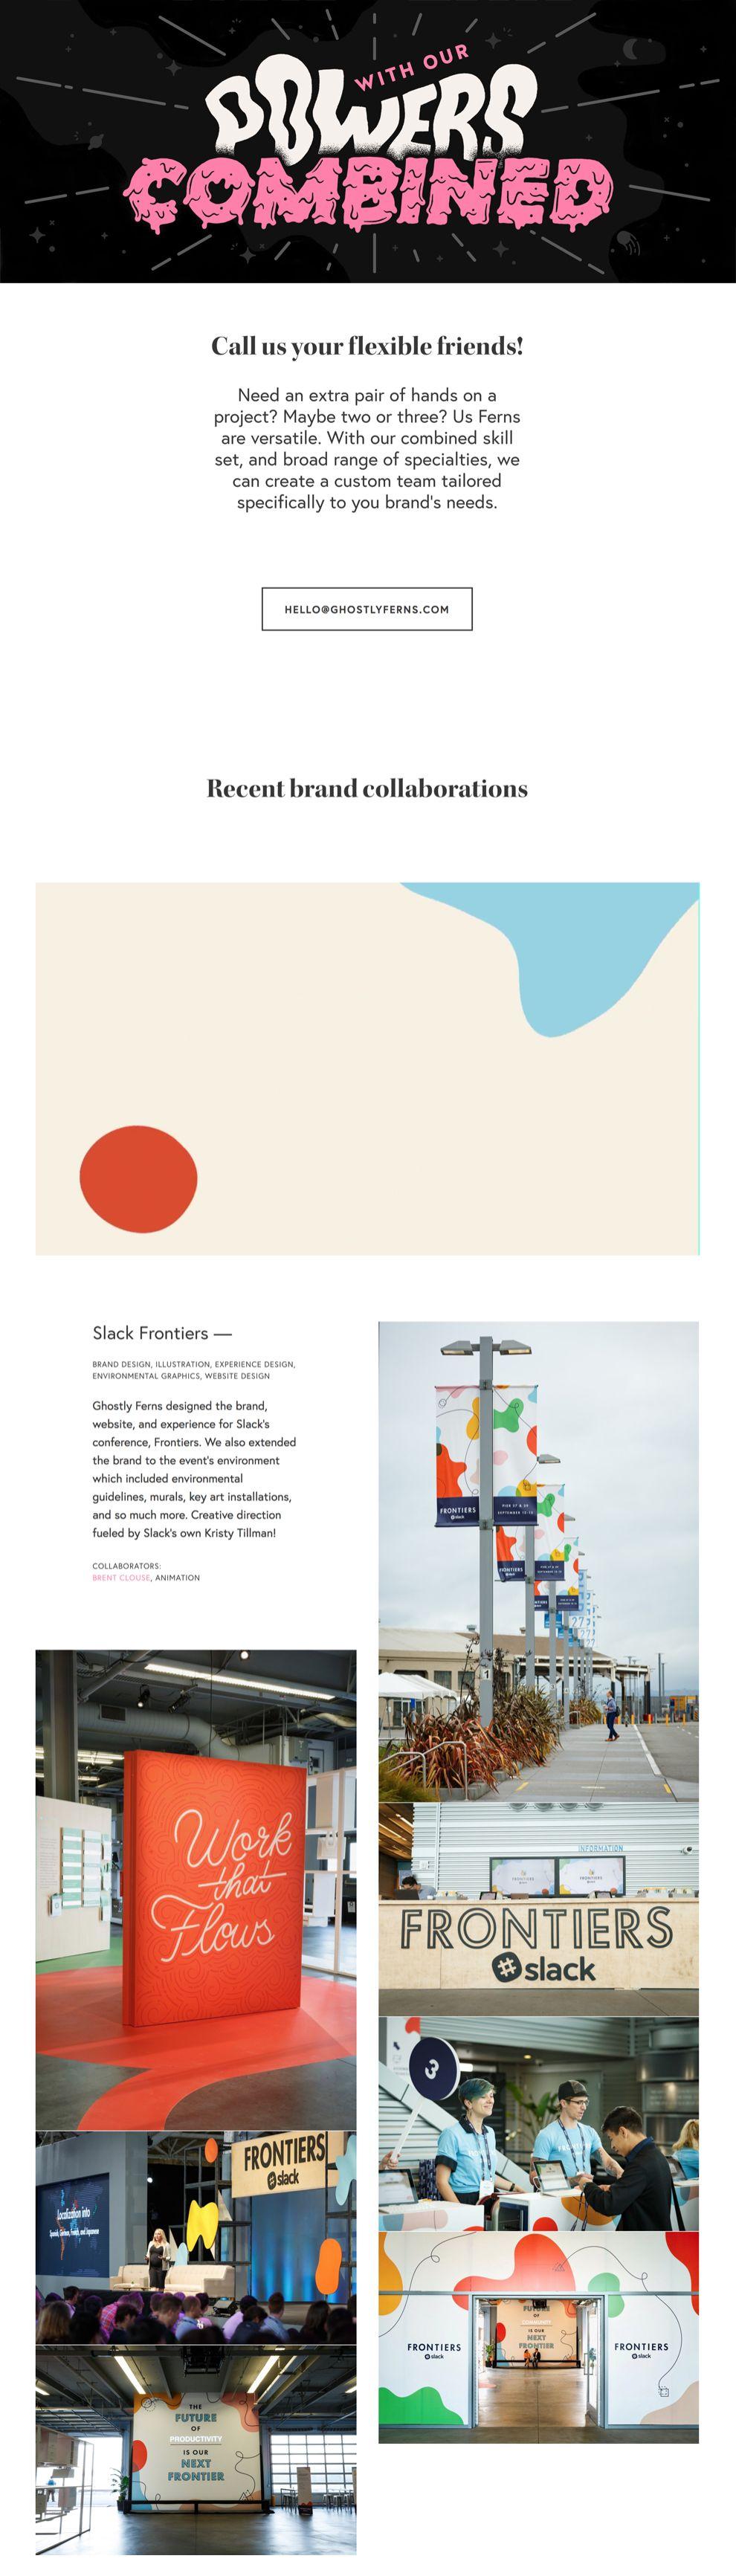 Ghostly Ferns Great Website Design